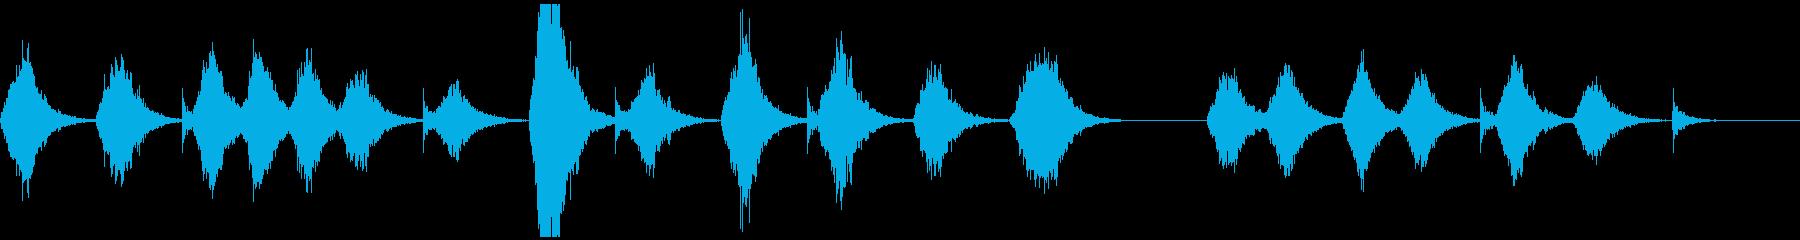 宇宙深海っぽいアンビエントの再生済みの波形